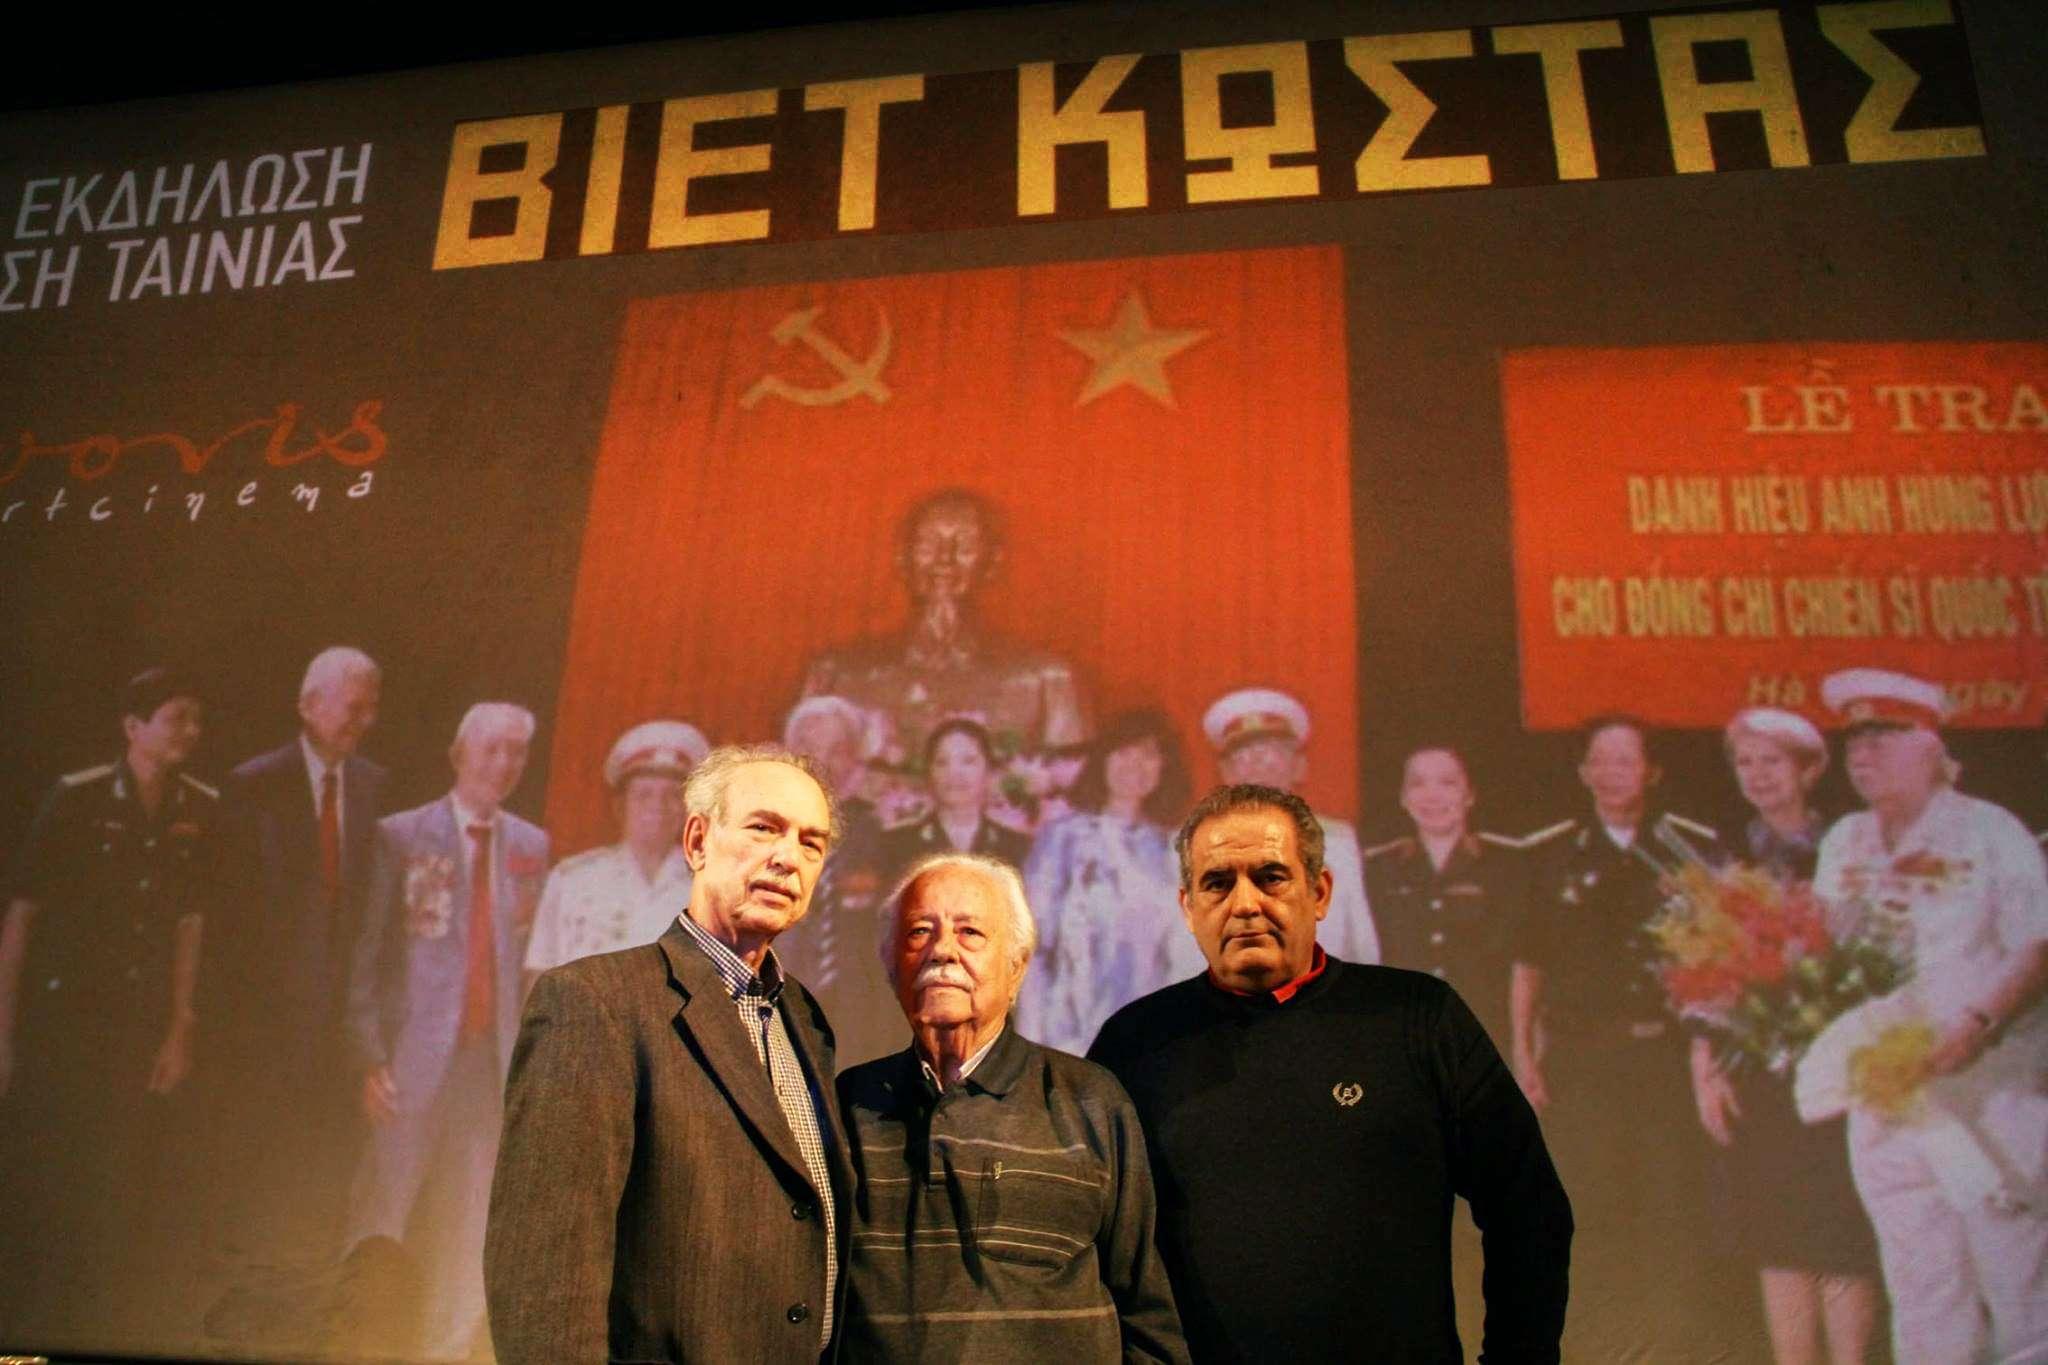 Σαραντίδης Nguyen Van Lap ο έλληνας VIETμίνχ ταινία Sp Xalbatz;hw